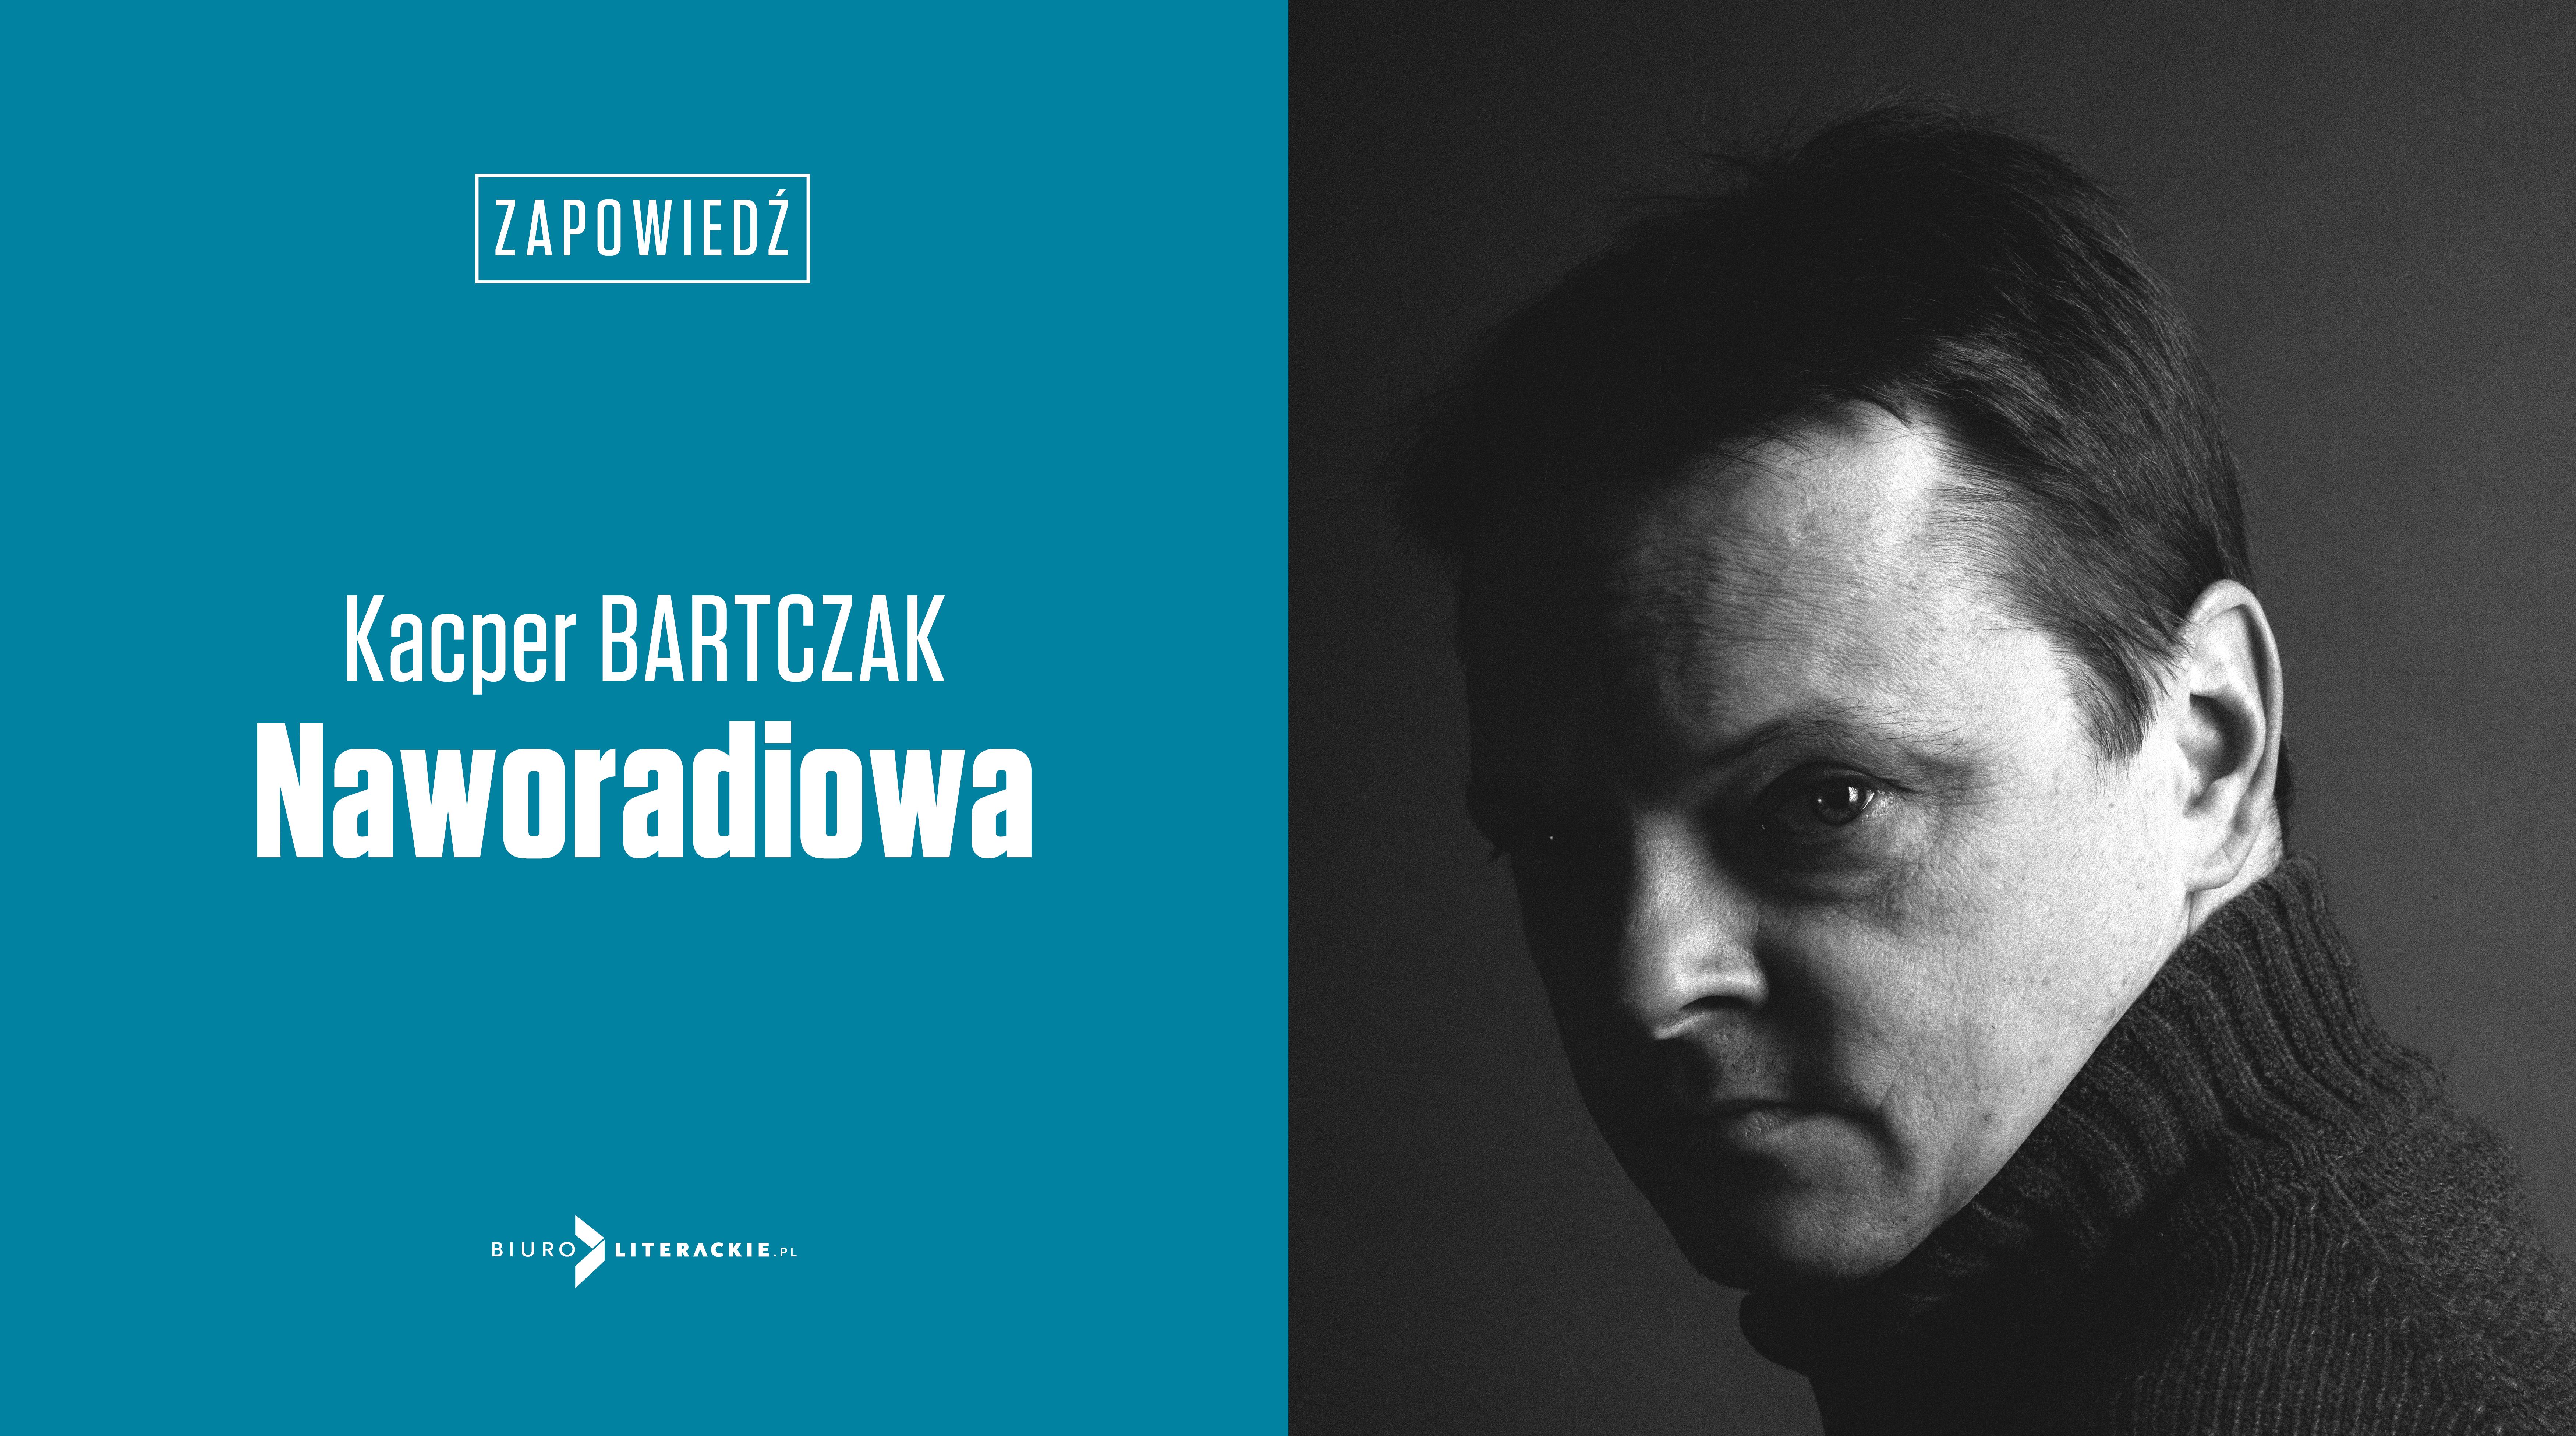 BL_Info_2019.07.09_Juz_za_miesiac_Naworadiowa_Kacpera_Bartczaka__www_top